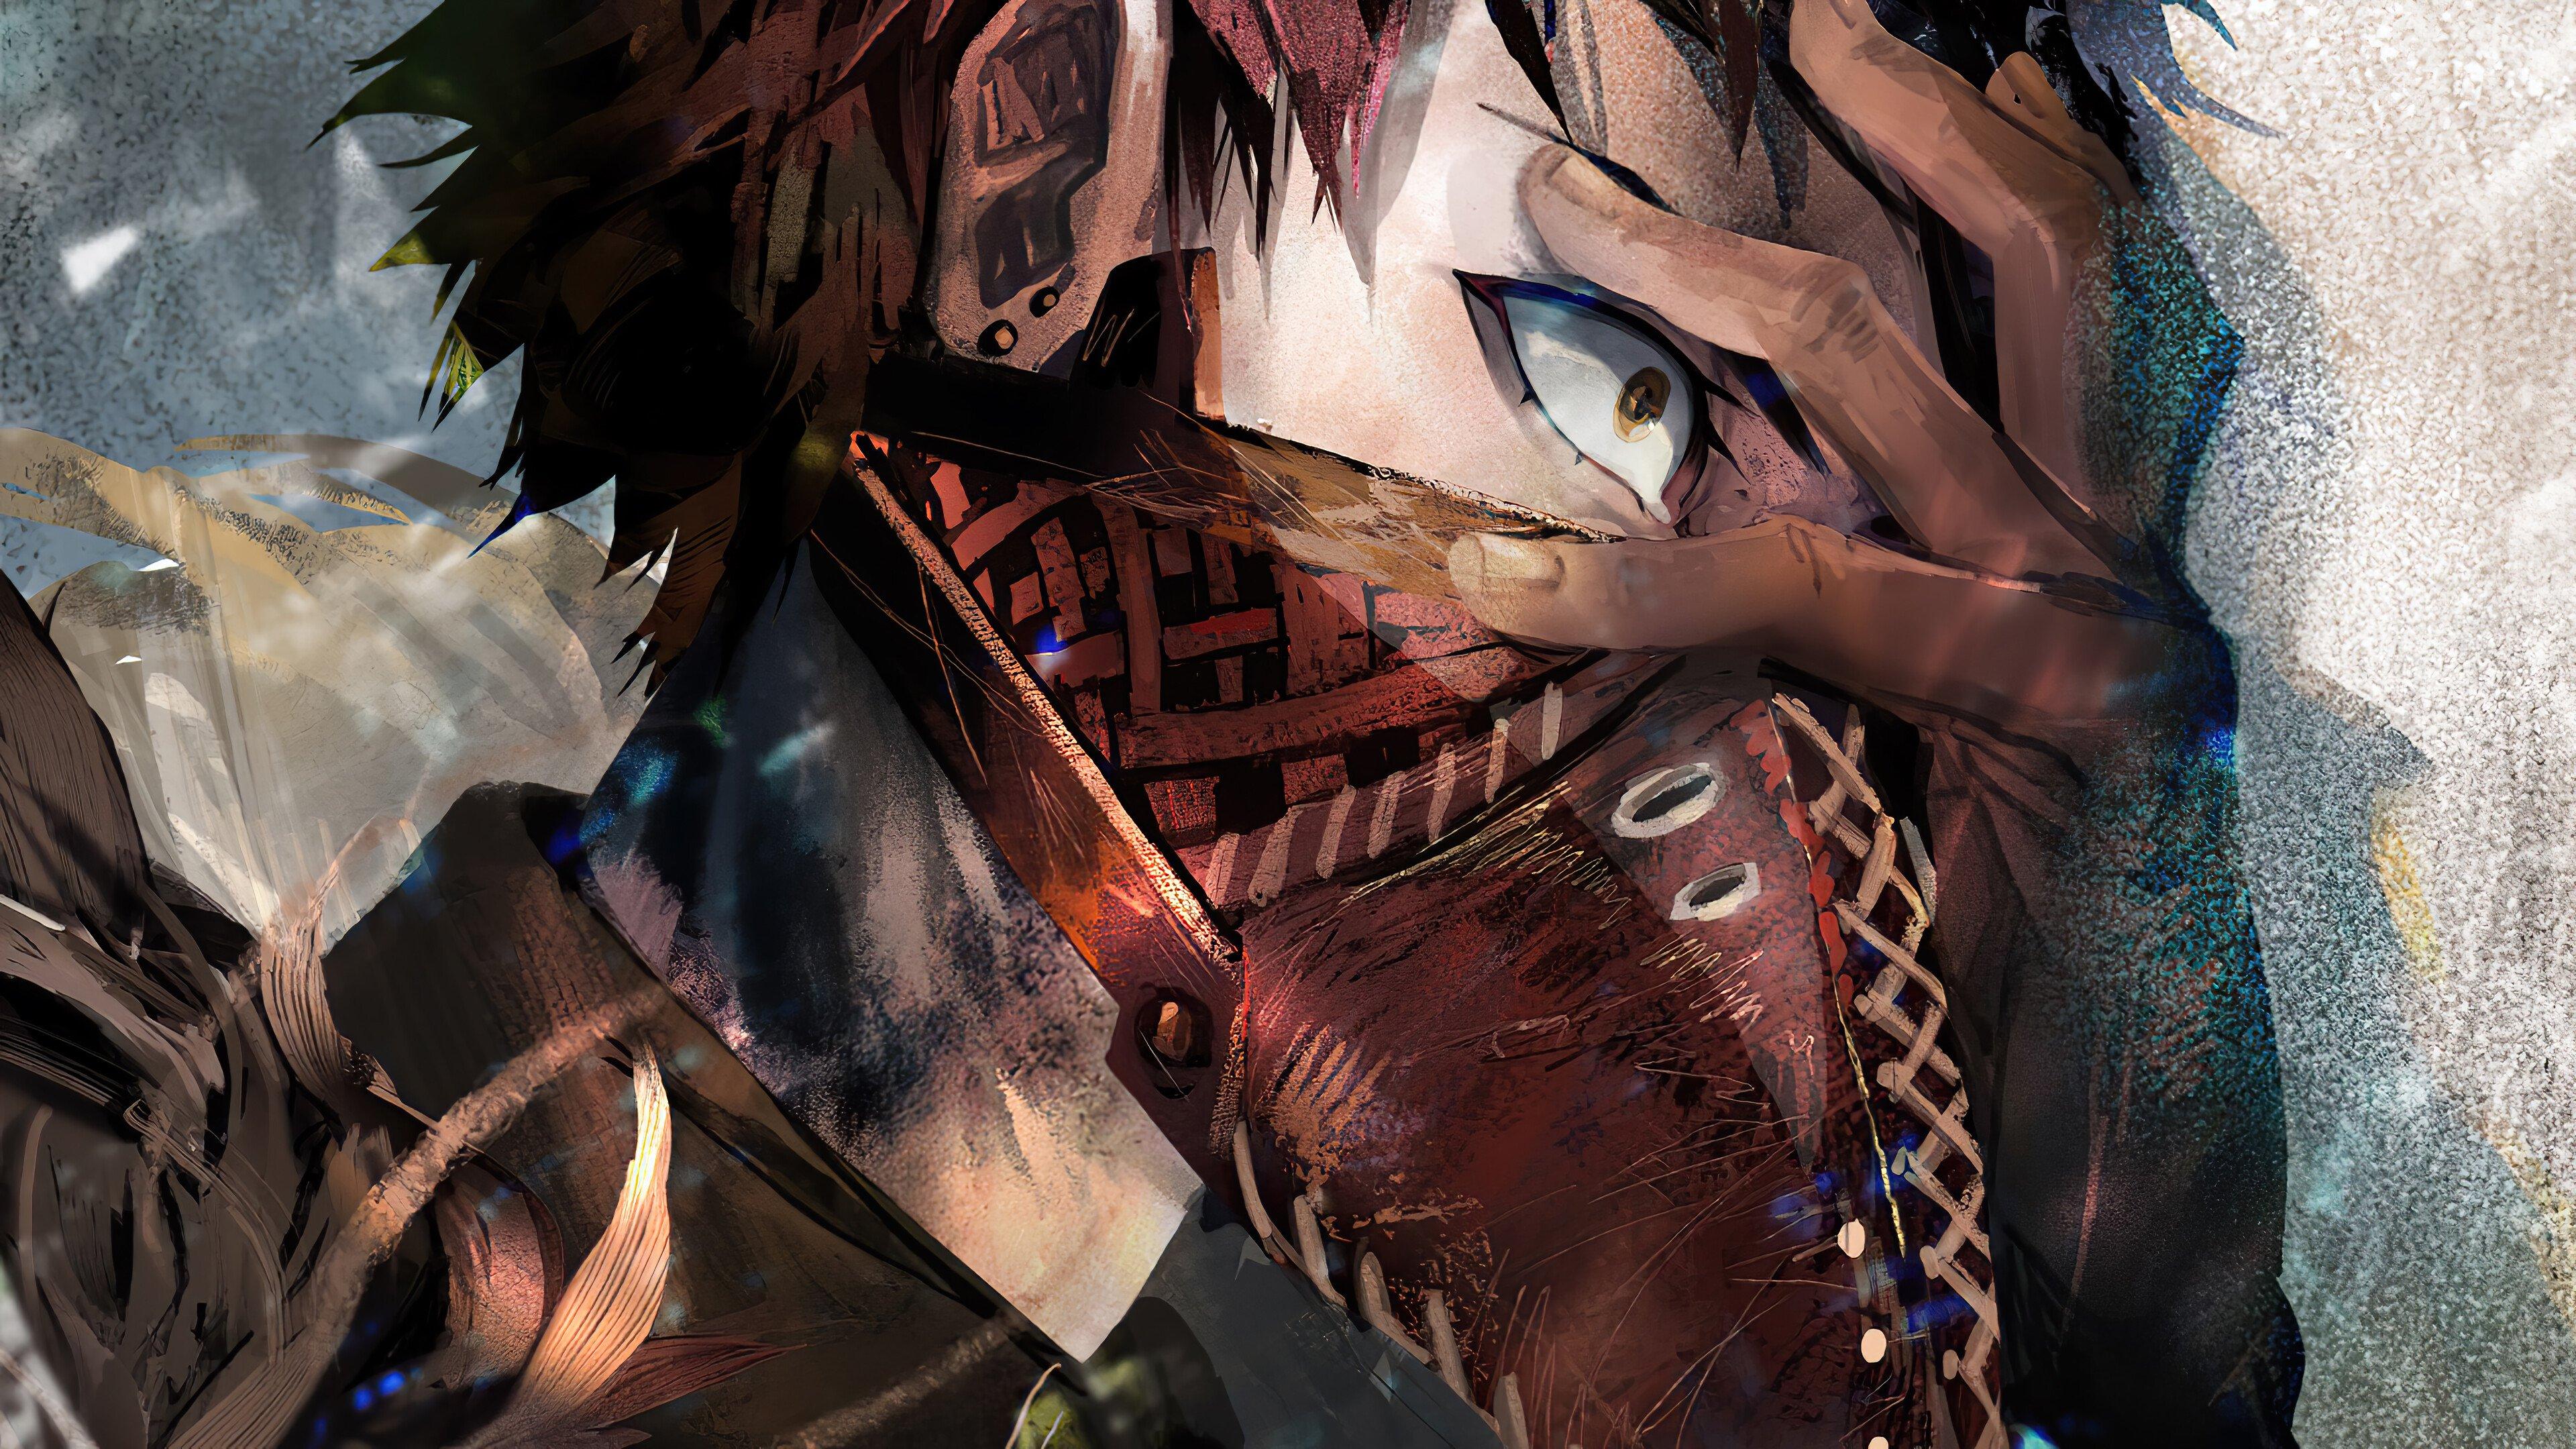 Anime Wallpaper Kai Chisaki character from My hero Academy